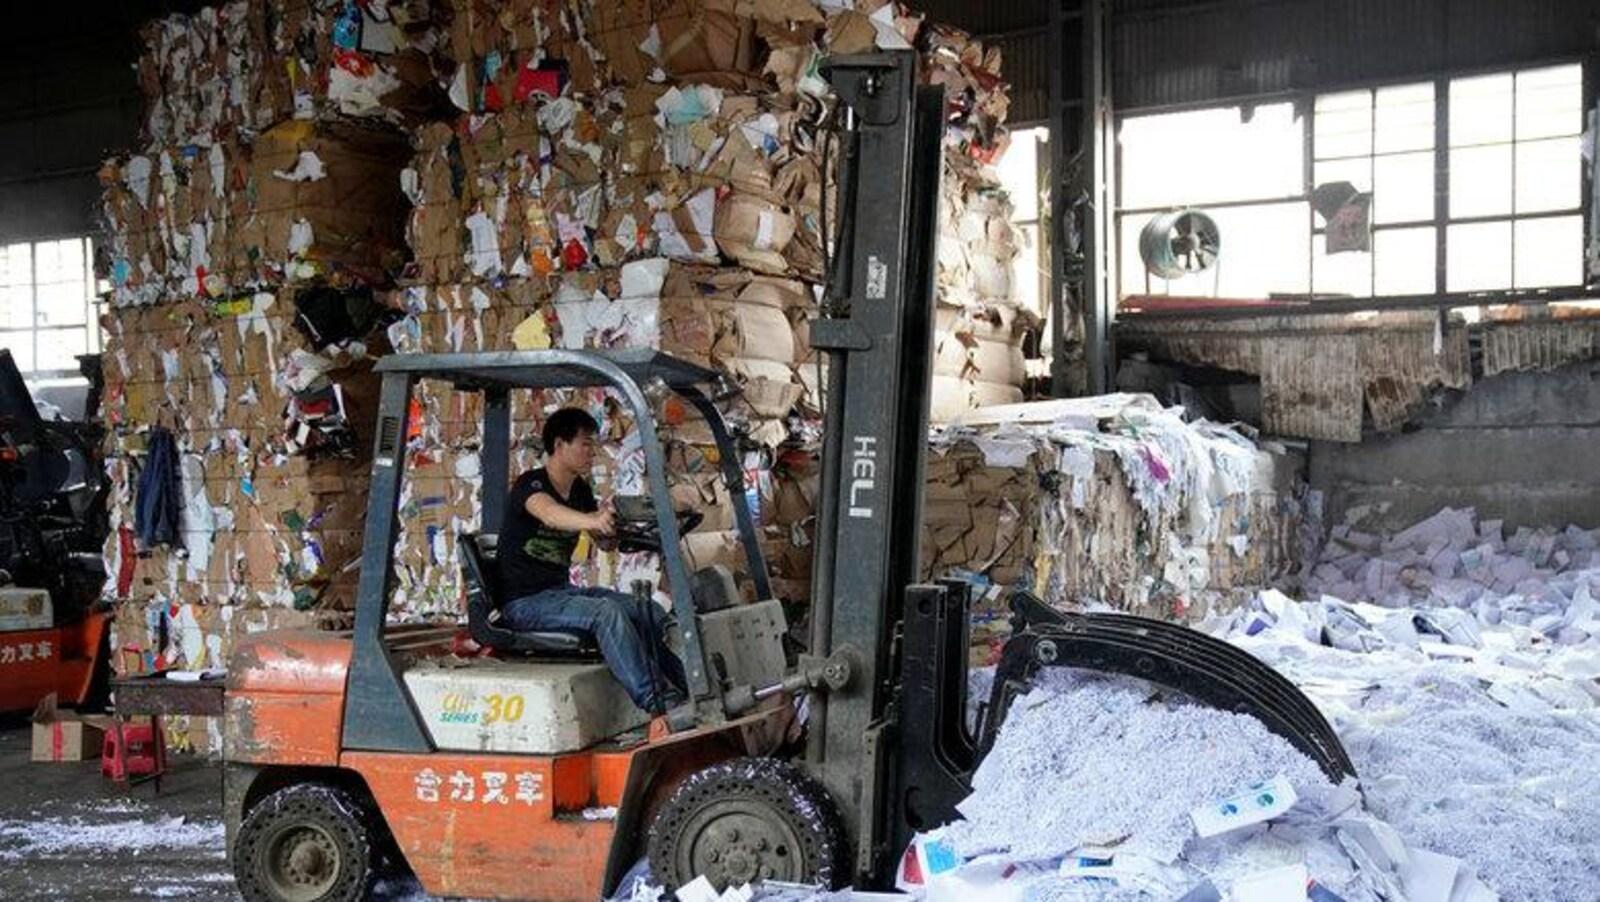 Un véhicule conduit par un ouvrier pousse une quantité importante de papier délaissé sur le sol d'une usine.